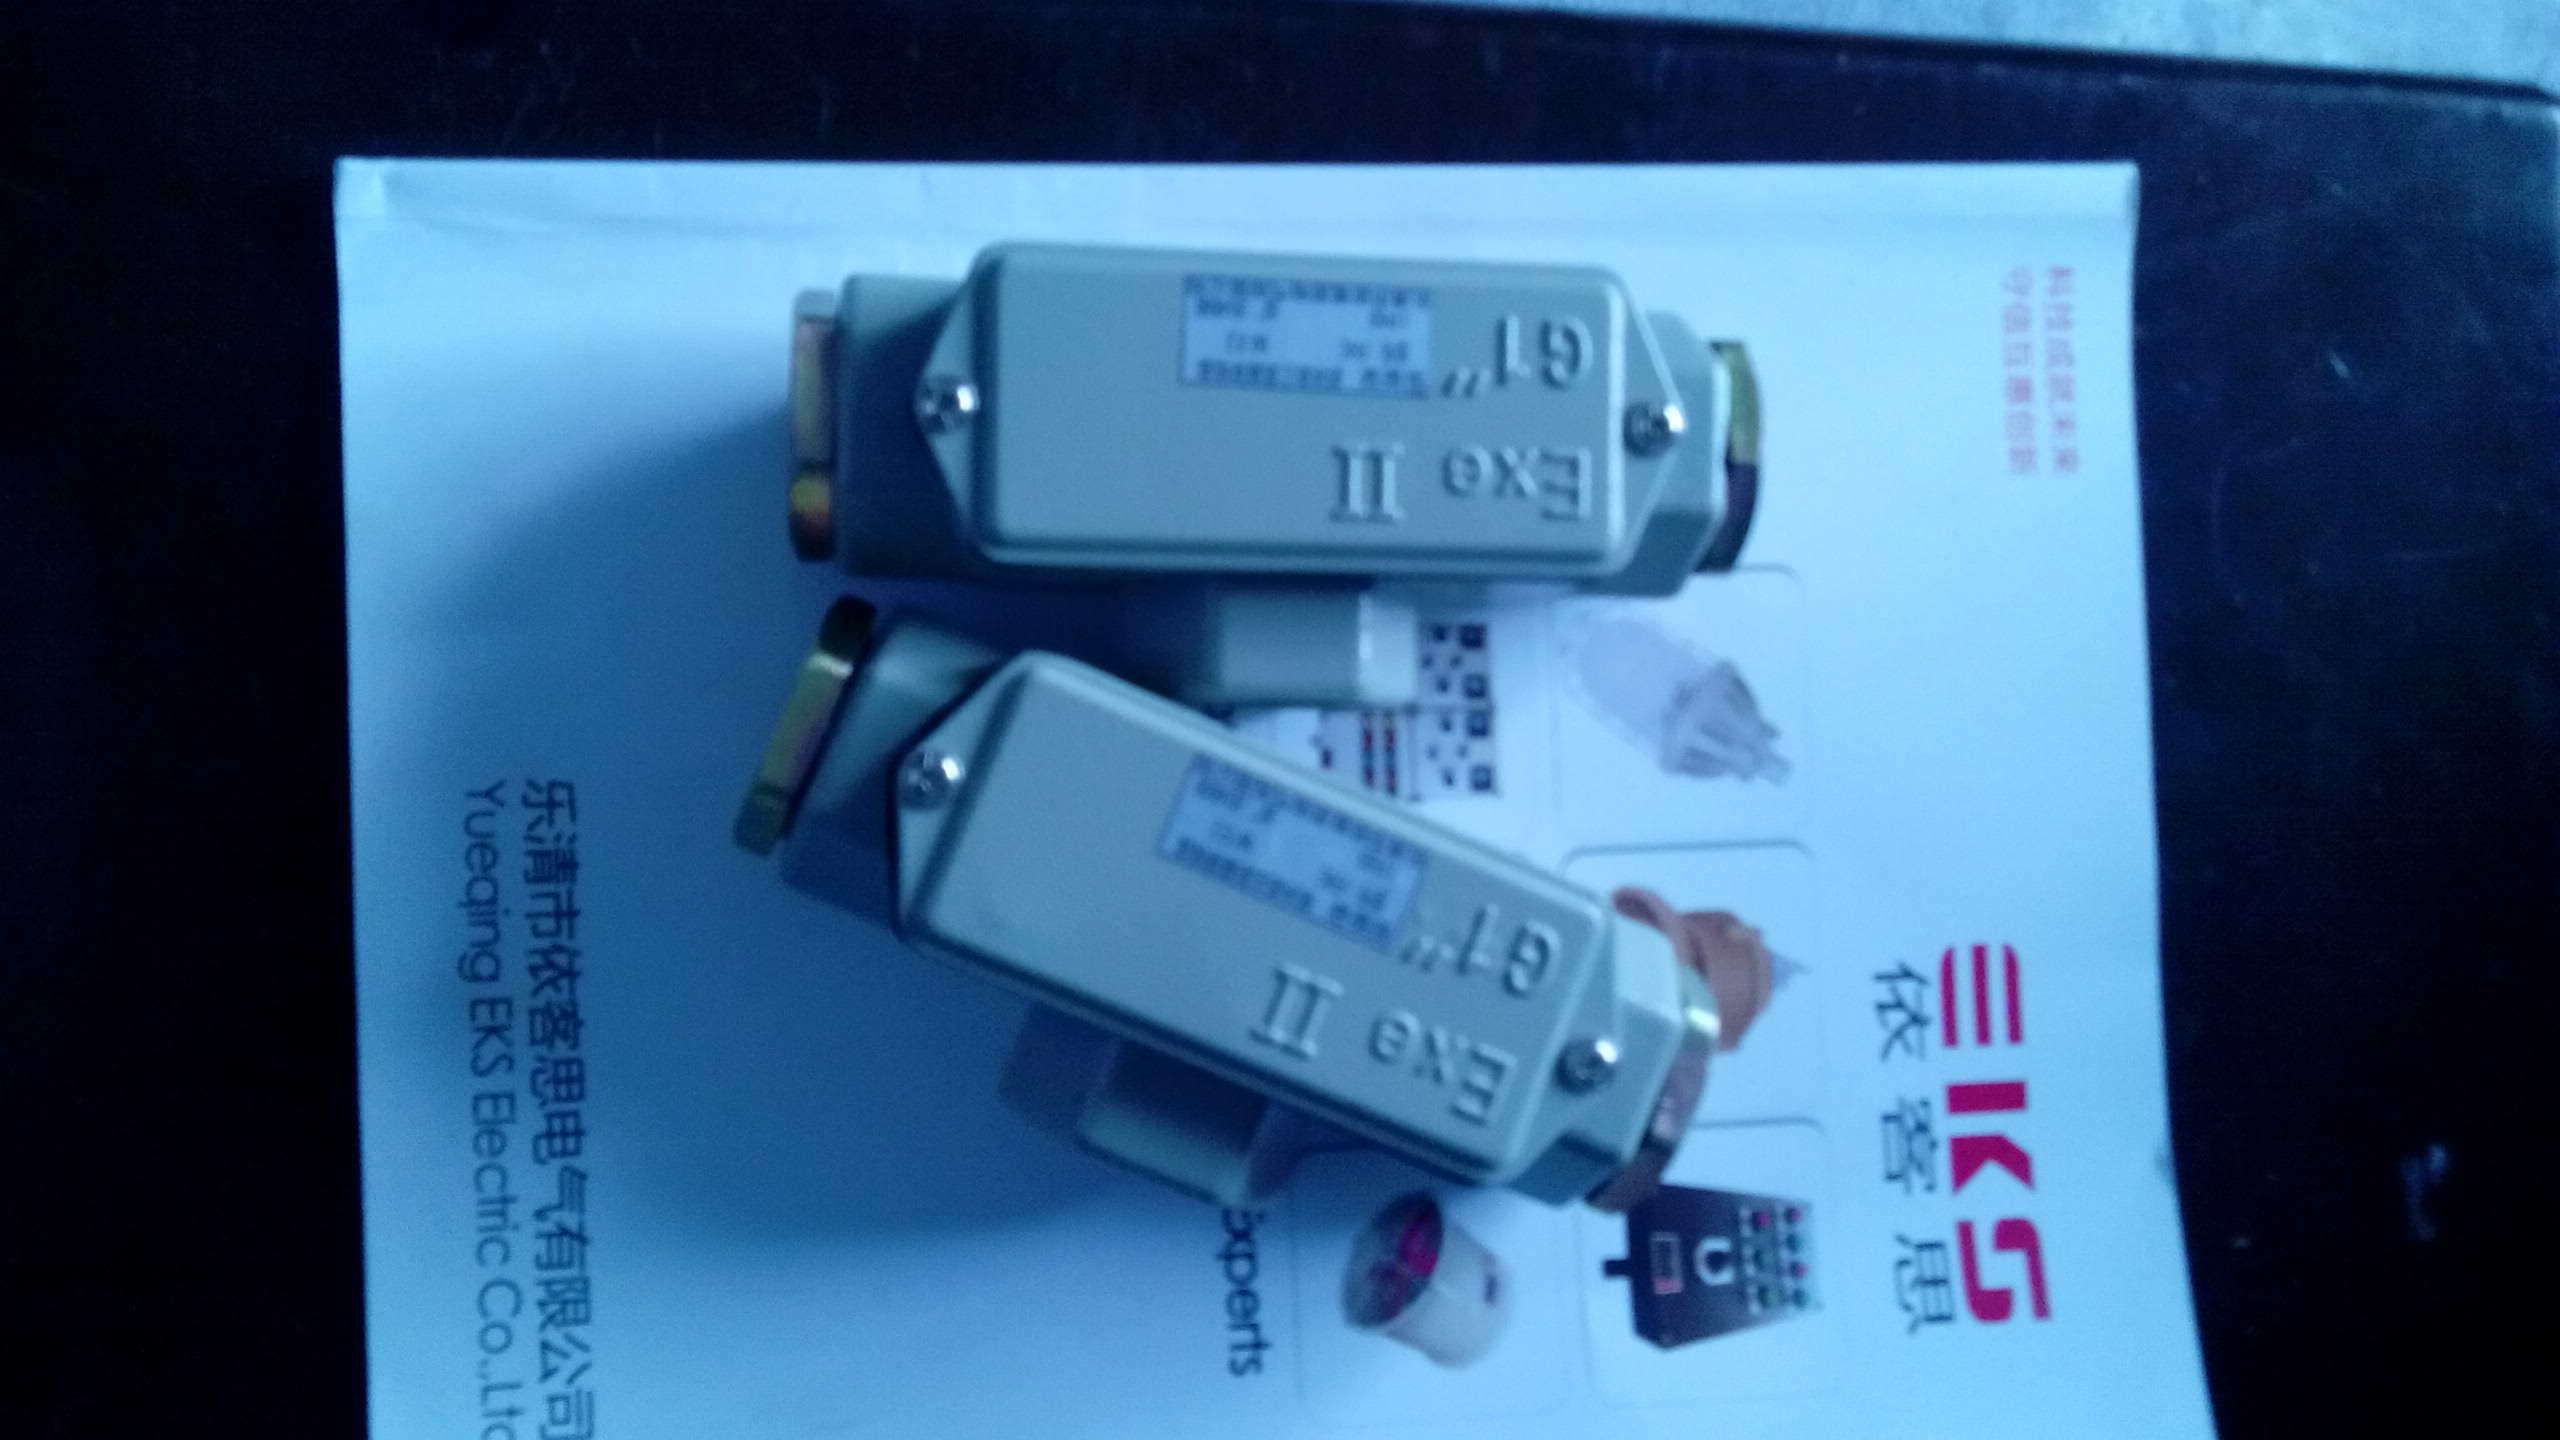 厂家直销BHC防爆变径穿线盒  BHC防爆变径穿线盒的价格